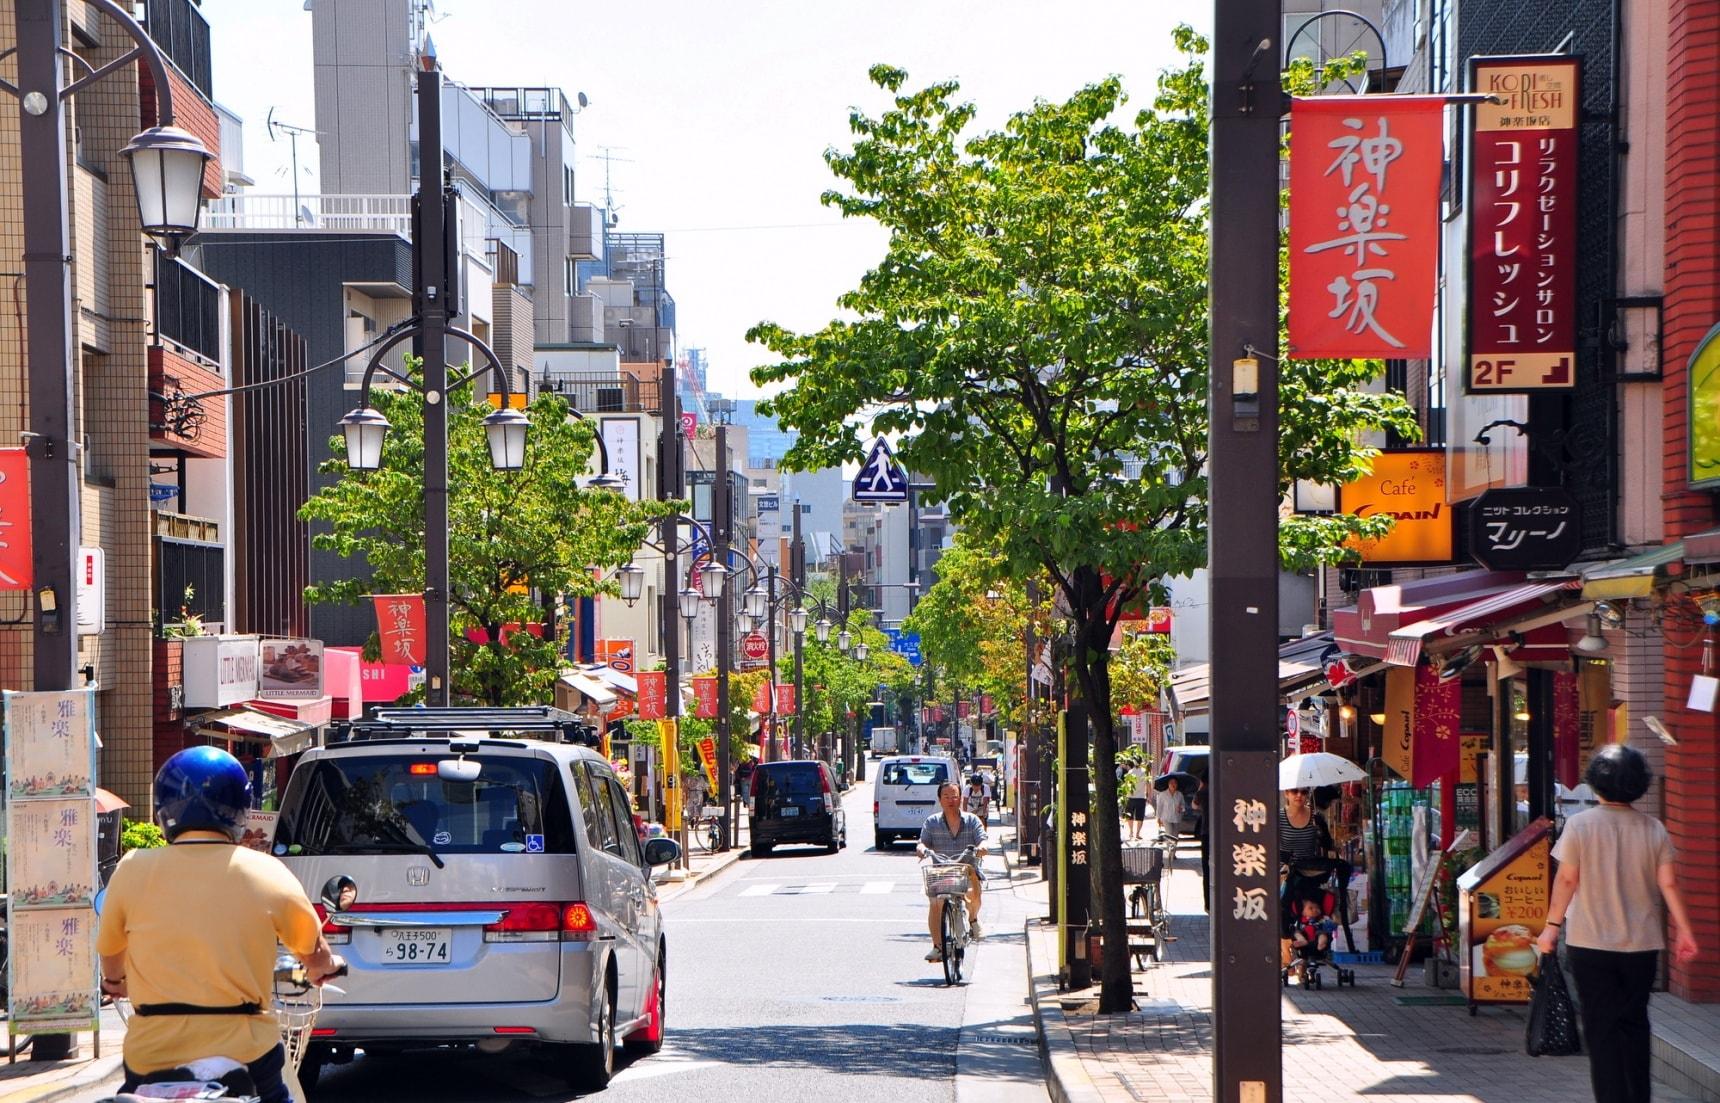 東京一日散策行程|到神樂坂偶遇日式傳統與法式風情